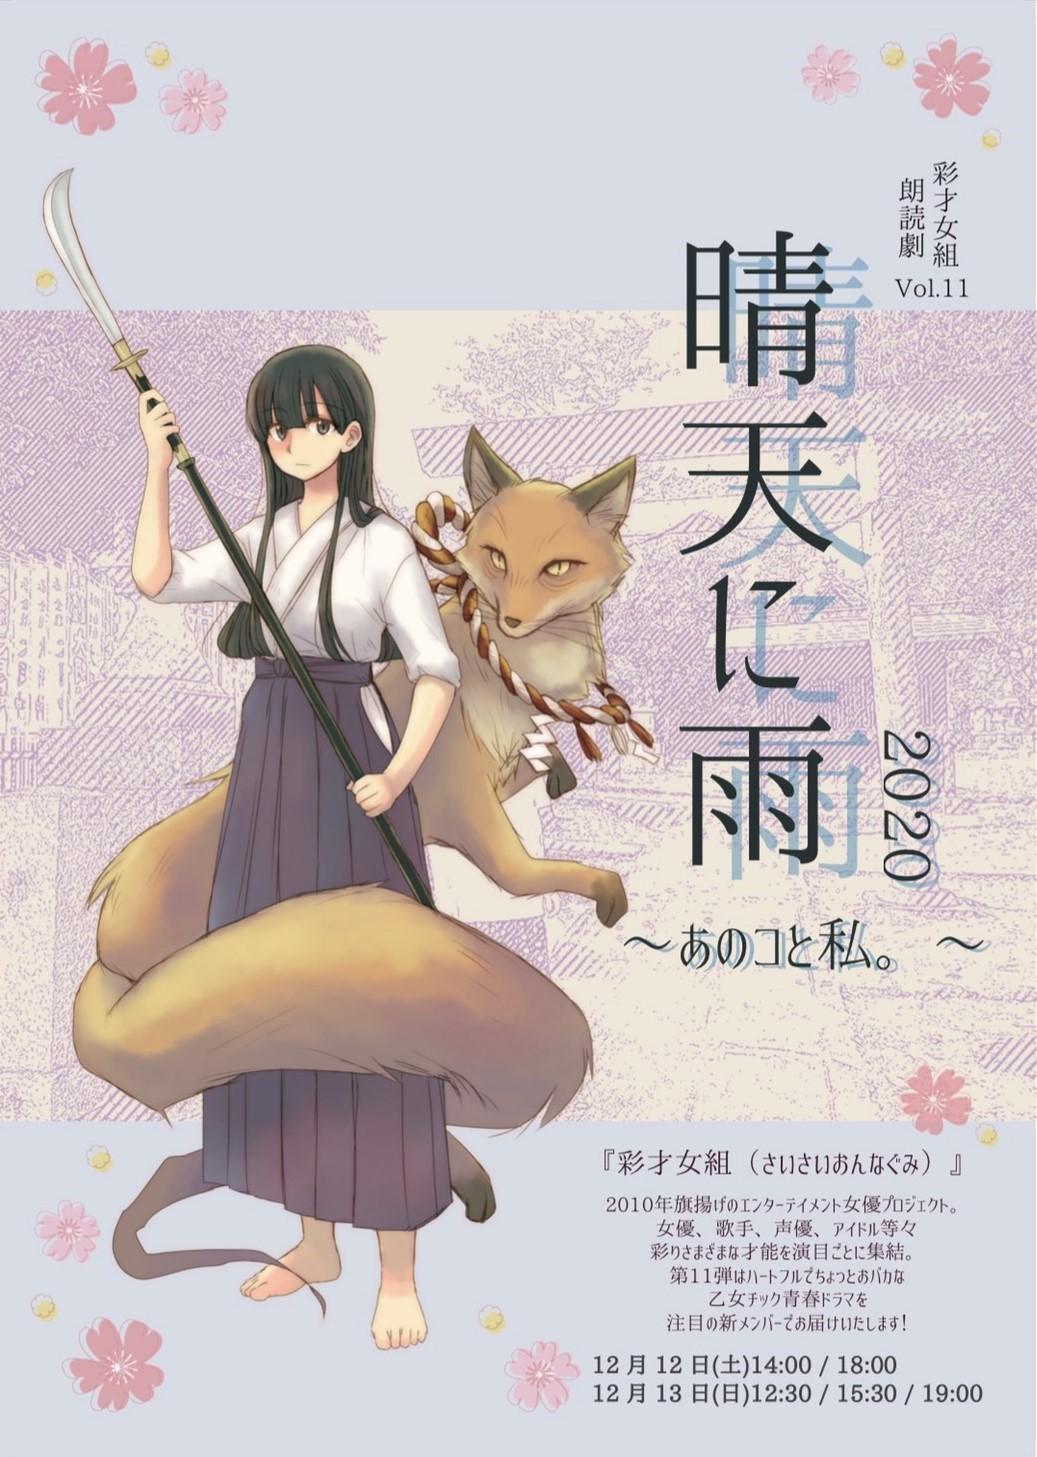 【第4回】彩才女組Vol.11 朗読劇「晴天に雨2020 〜あのコと私。〜」